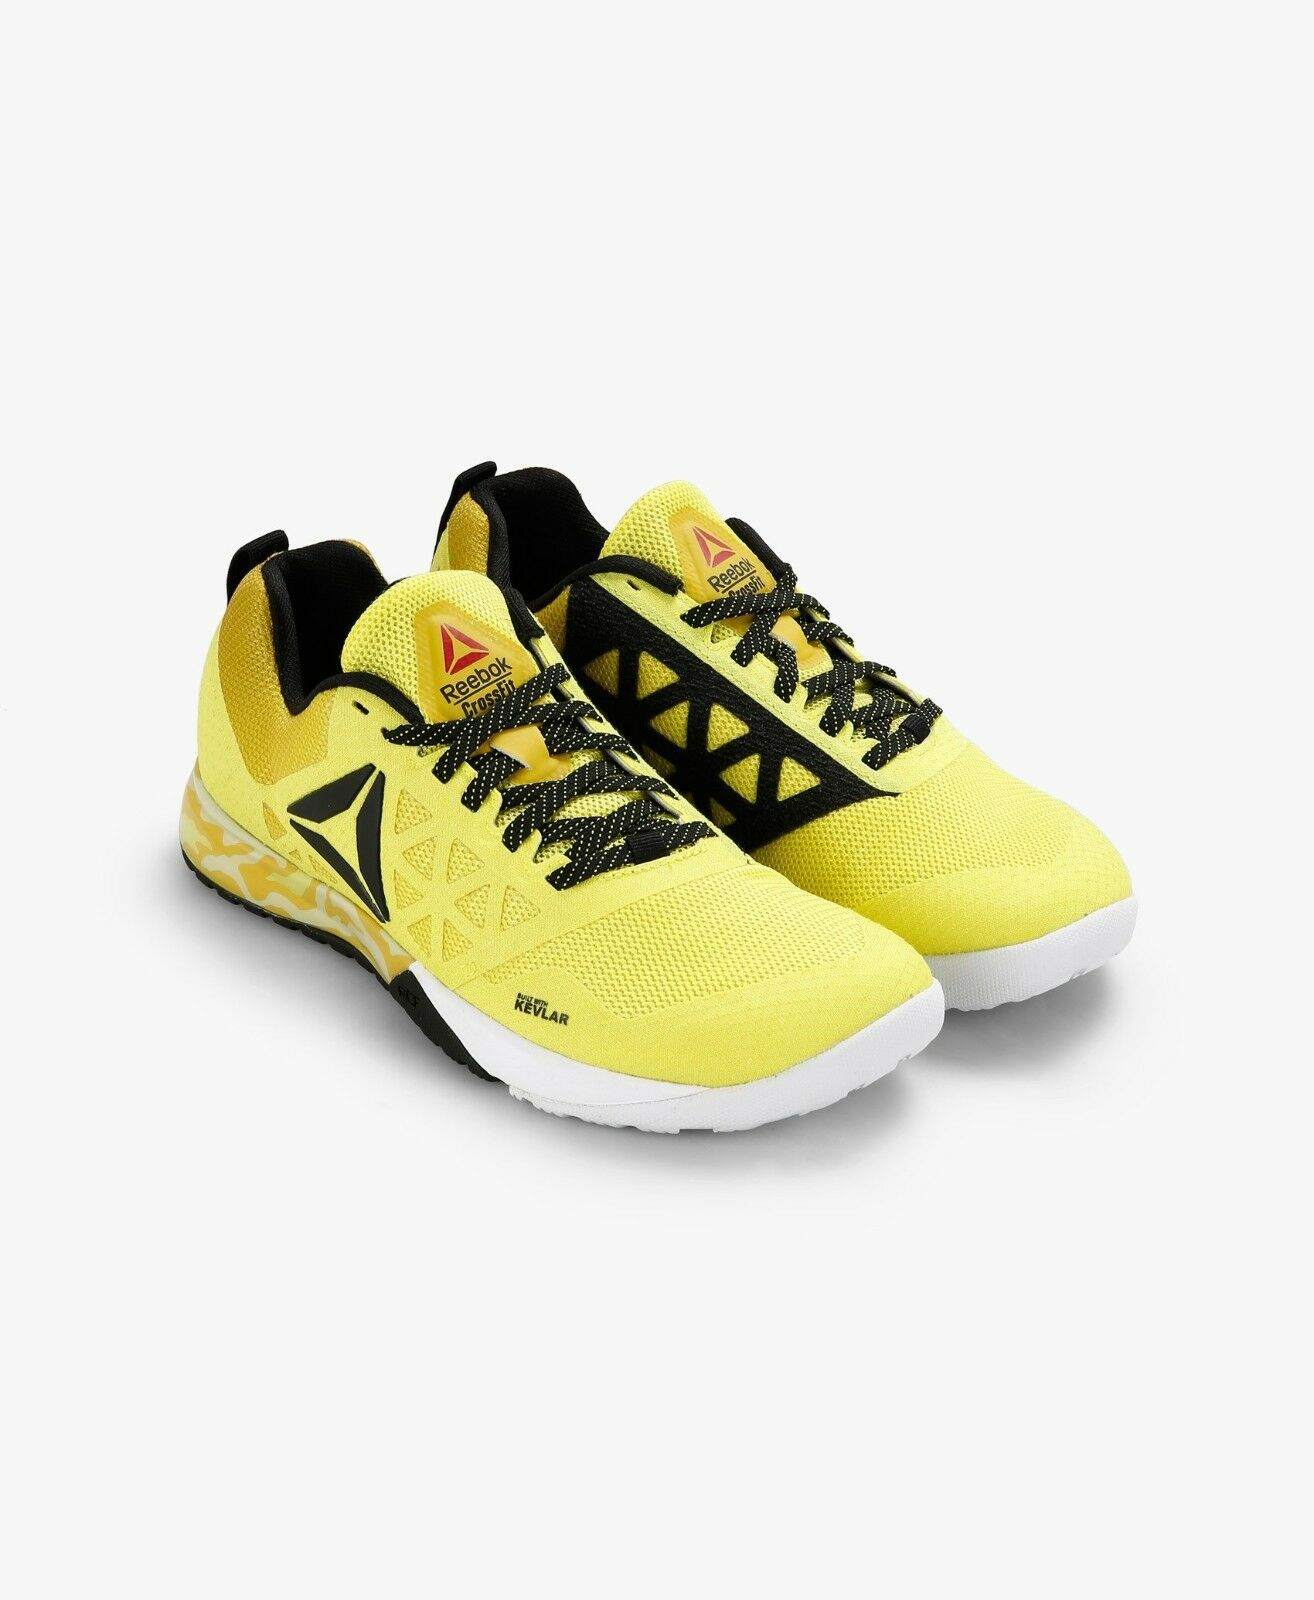 Reebok Women's Crossfit Nano 6.0 Sneakers Size 5.5 us AR3300